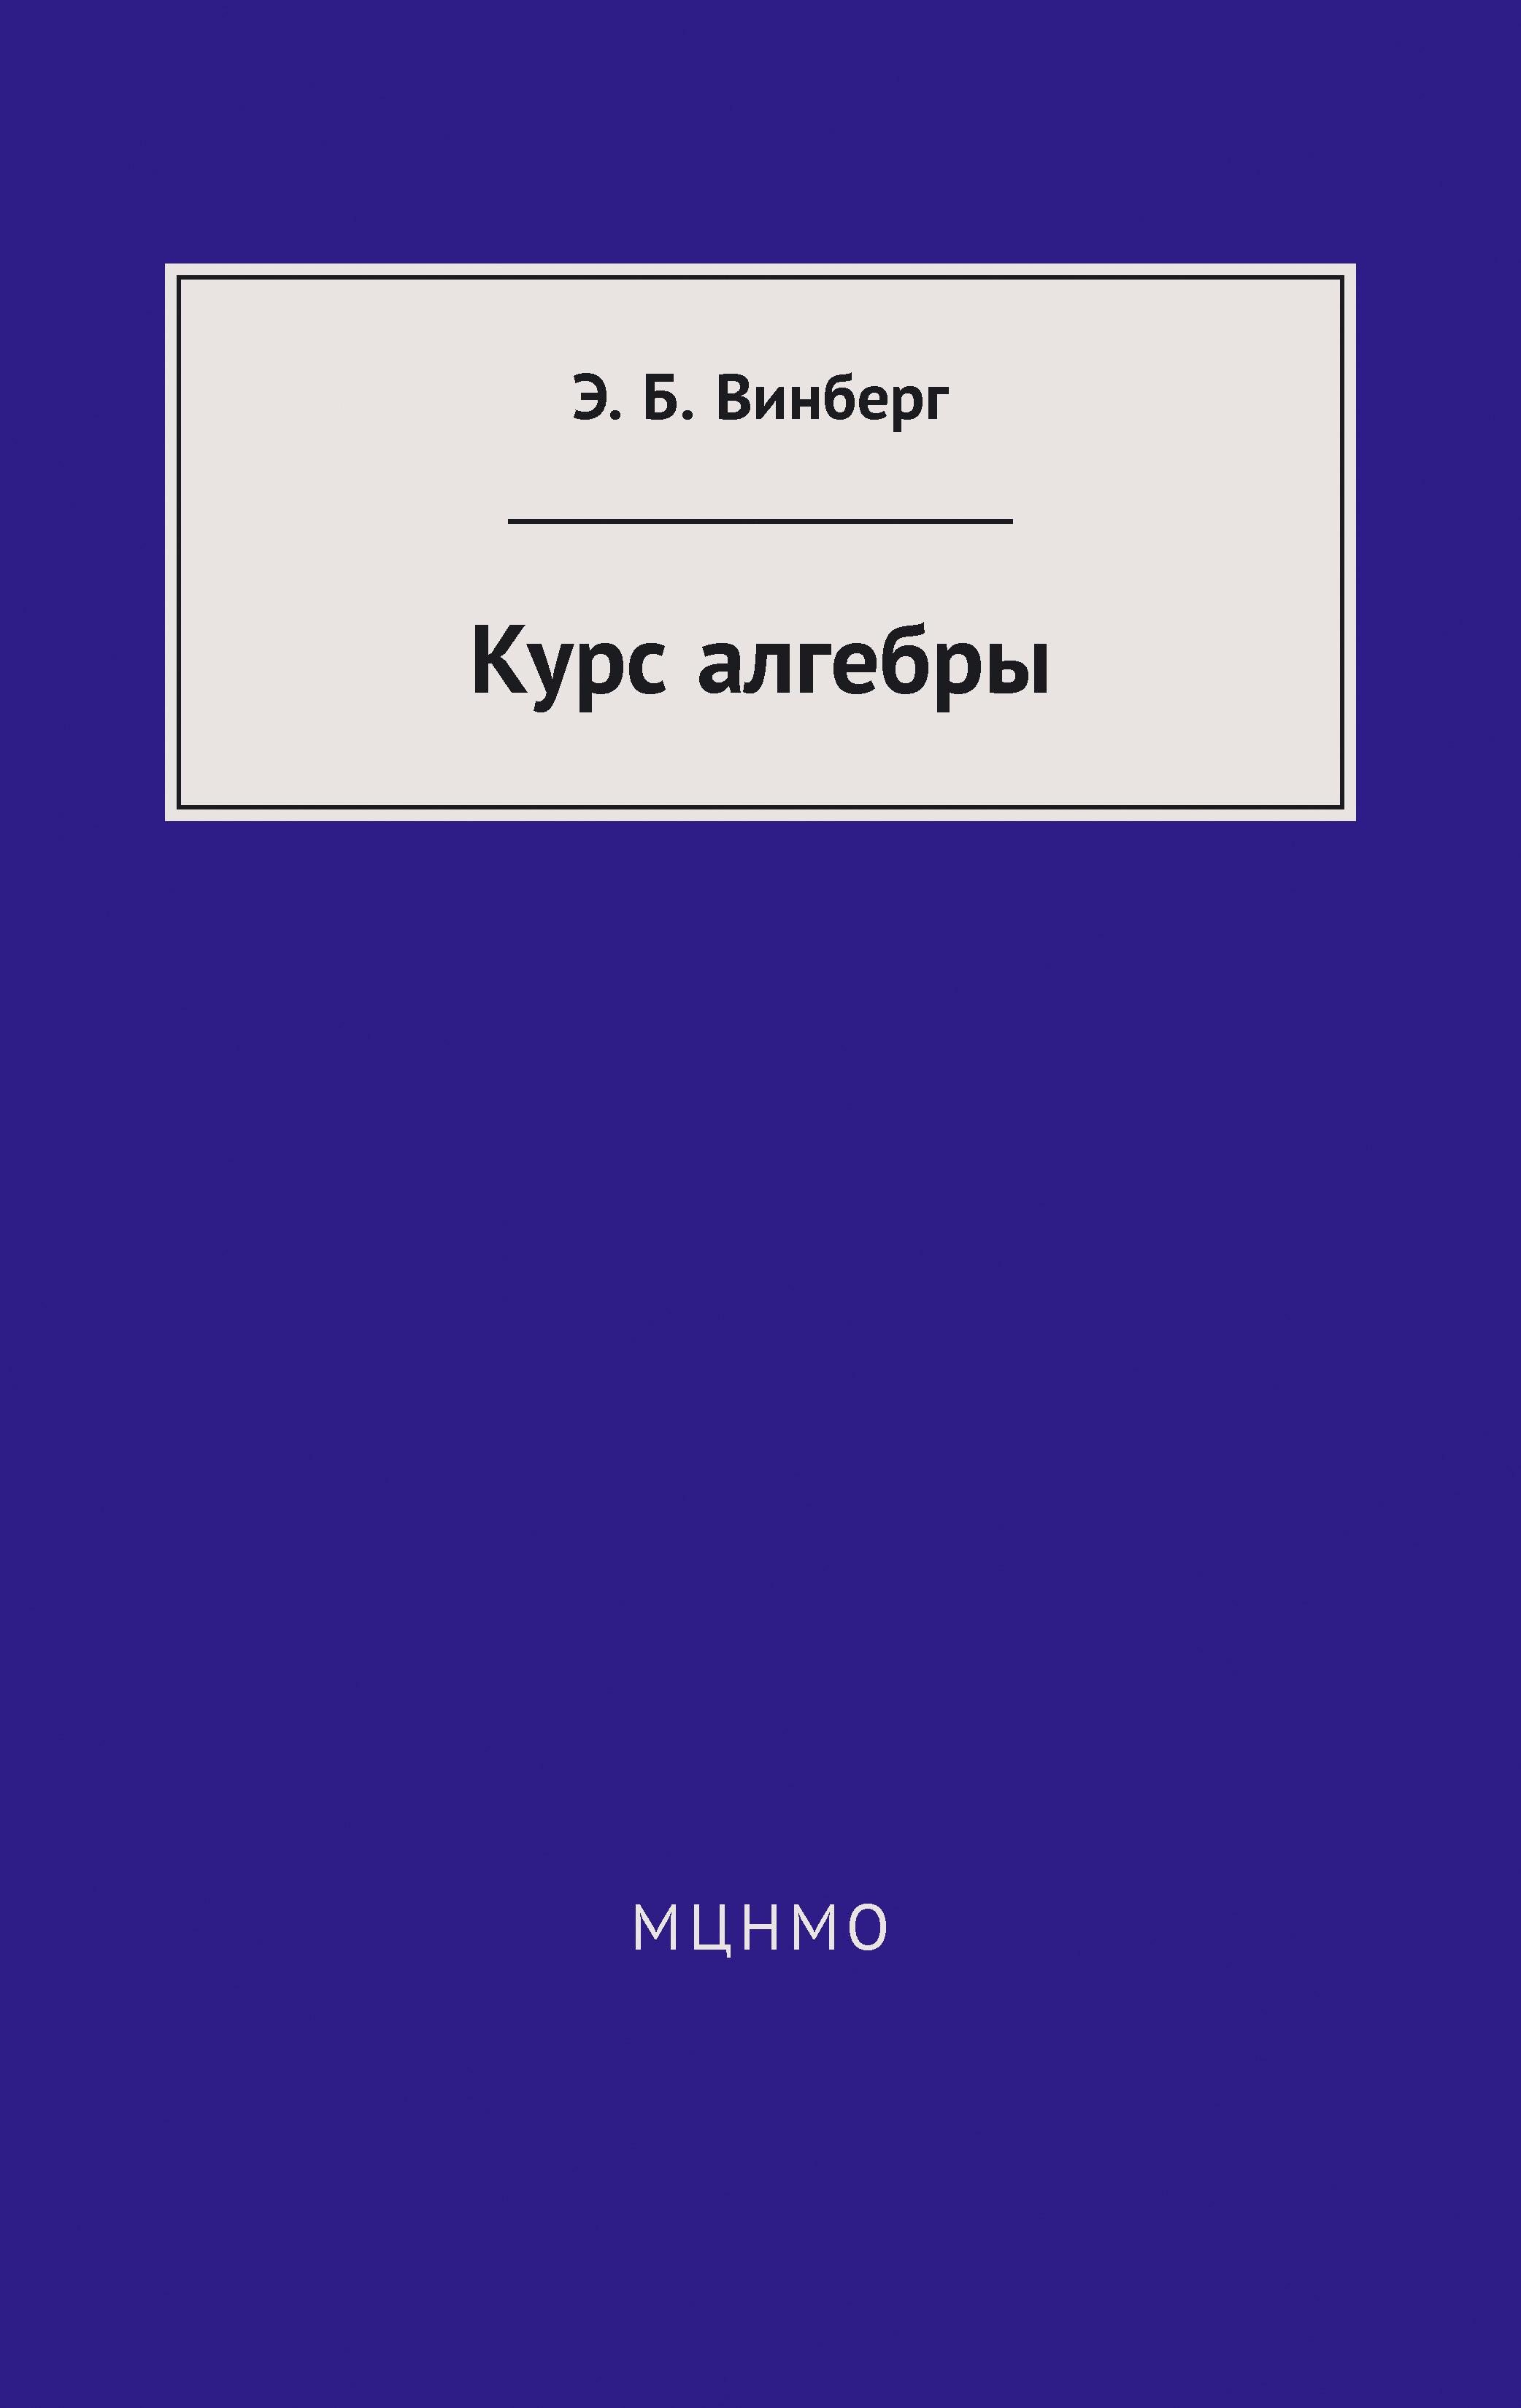 Э. Б. Винберг Курс алгебры